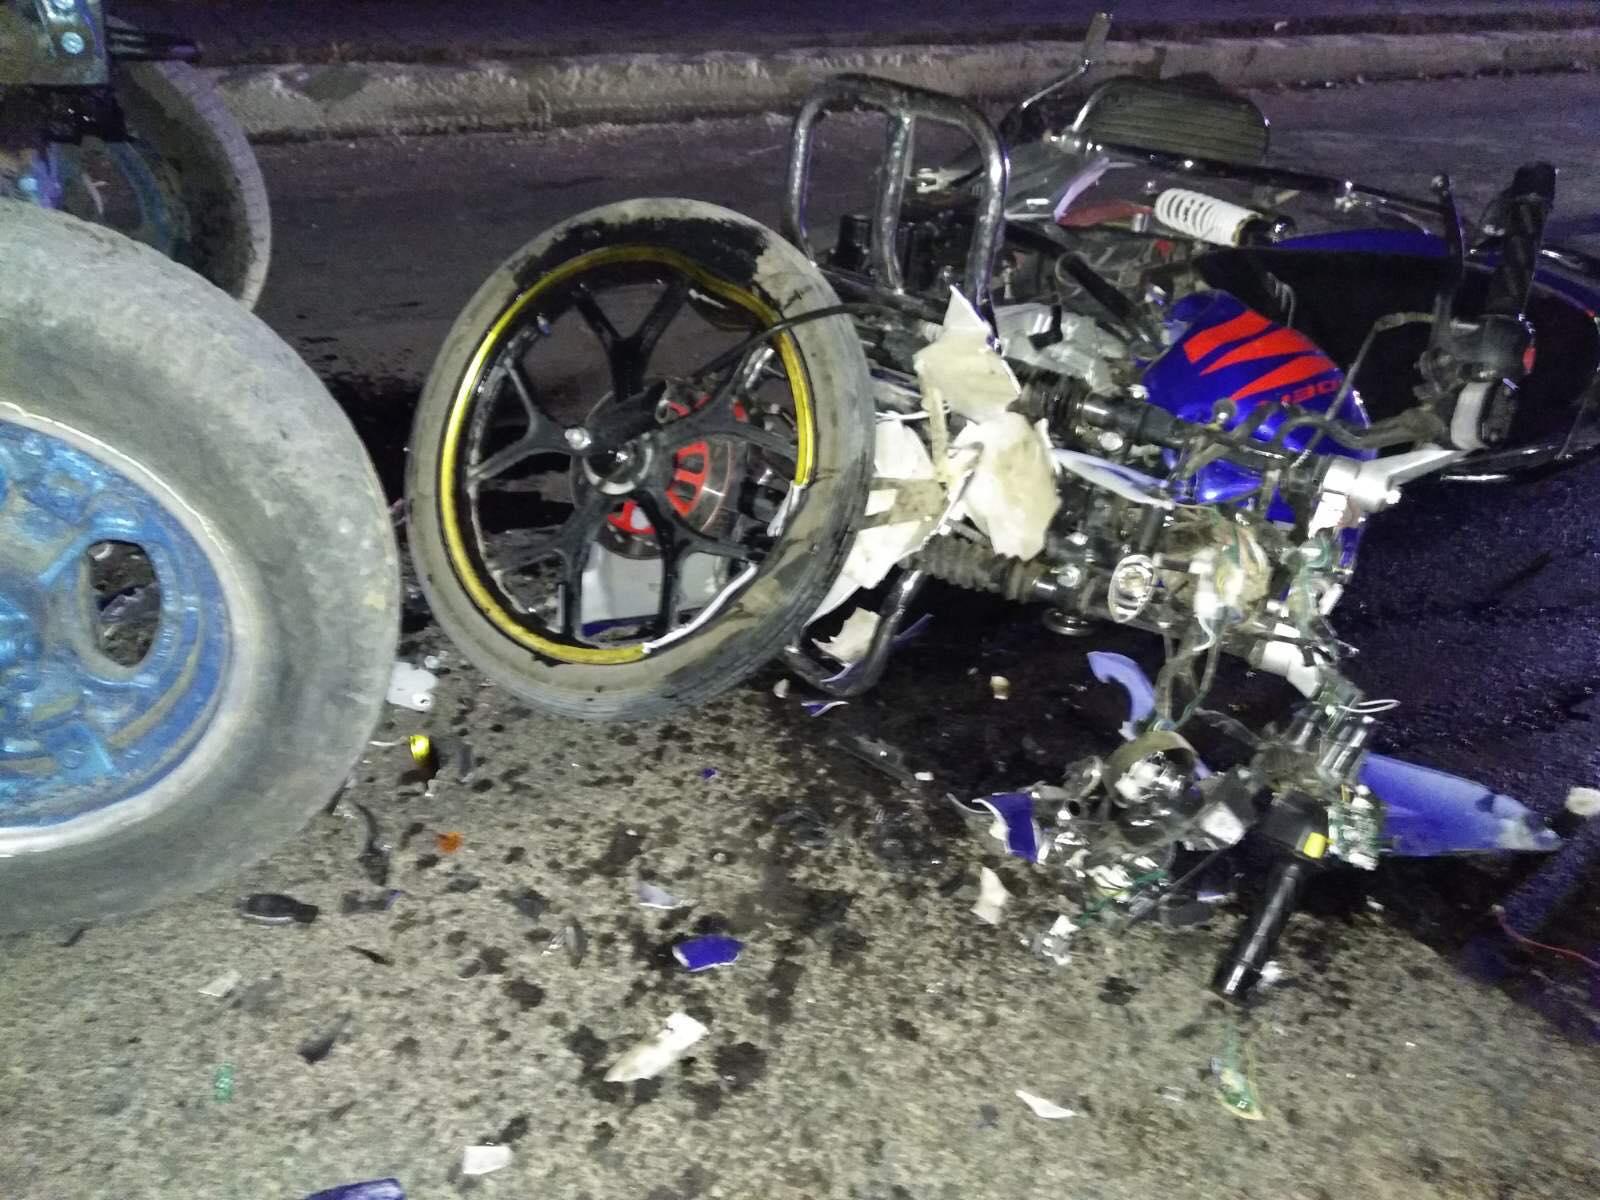 (FOTO) Accident grav la Ștefan Vodă. O fată de 18 ani a murit, după ce motocicleta cu care se deplasa s-a izbit de un tractor, care circula pe contrasens